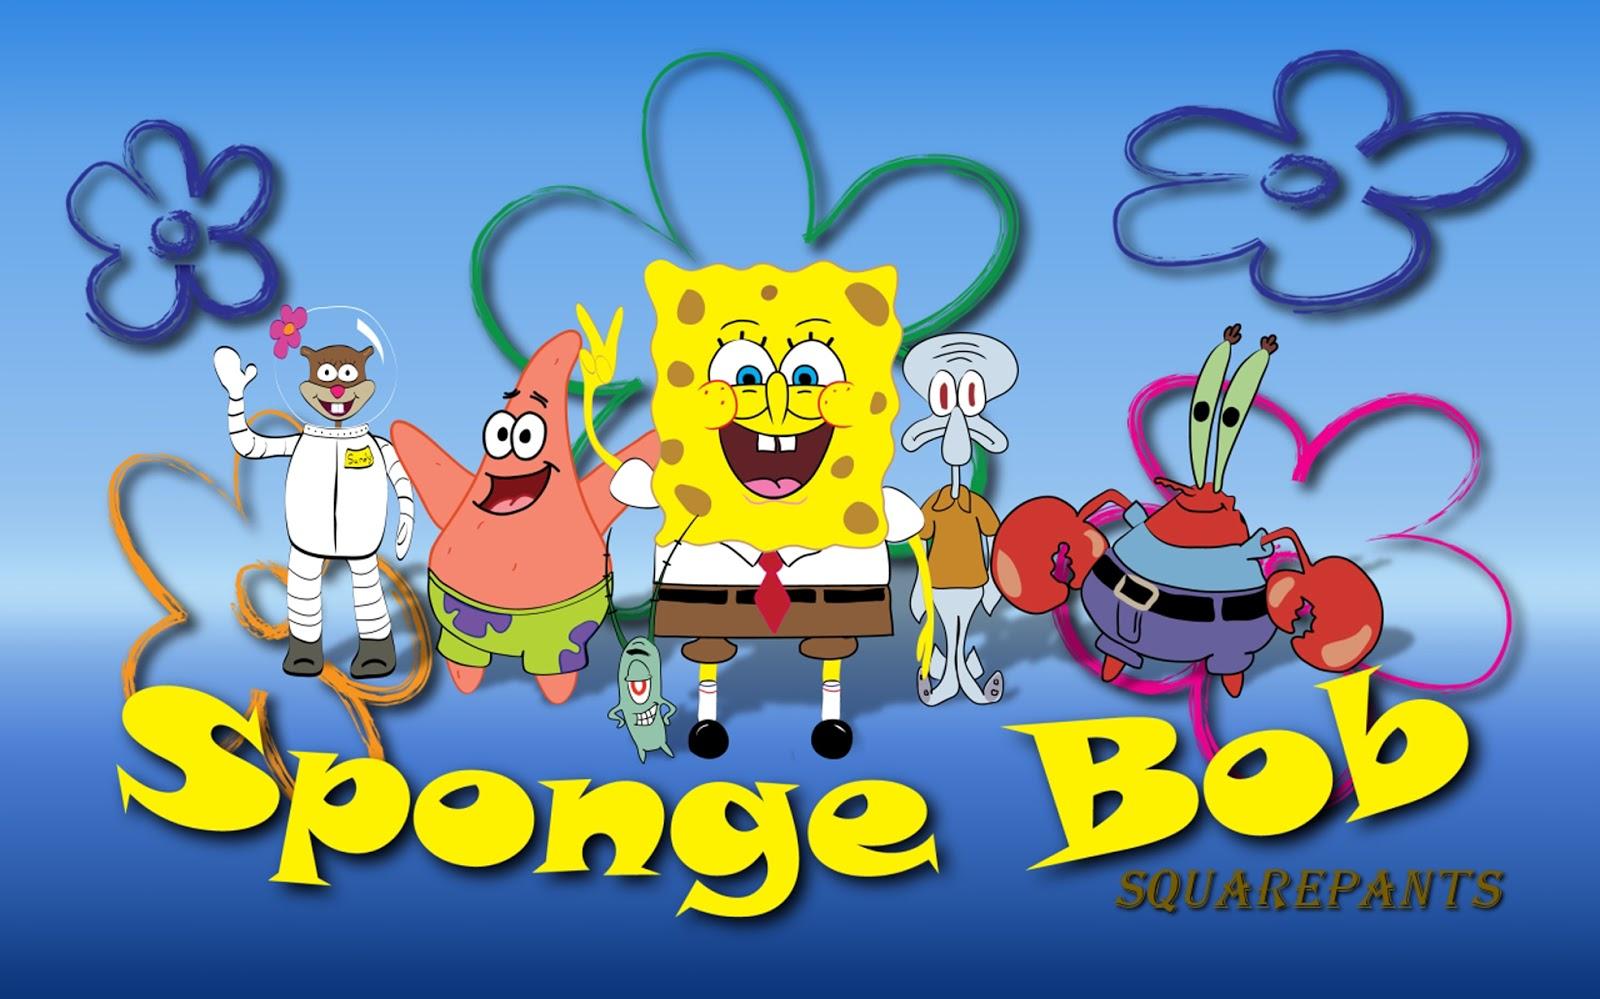 spongebob hd wallpapers picture spongebob hd wallpapers wallpaper 1600x999